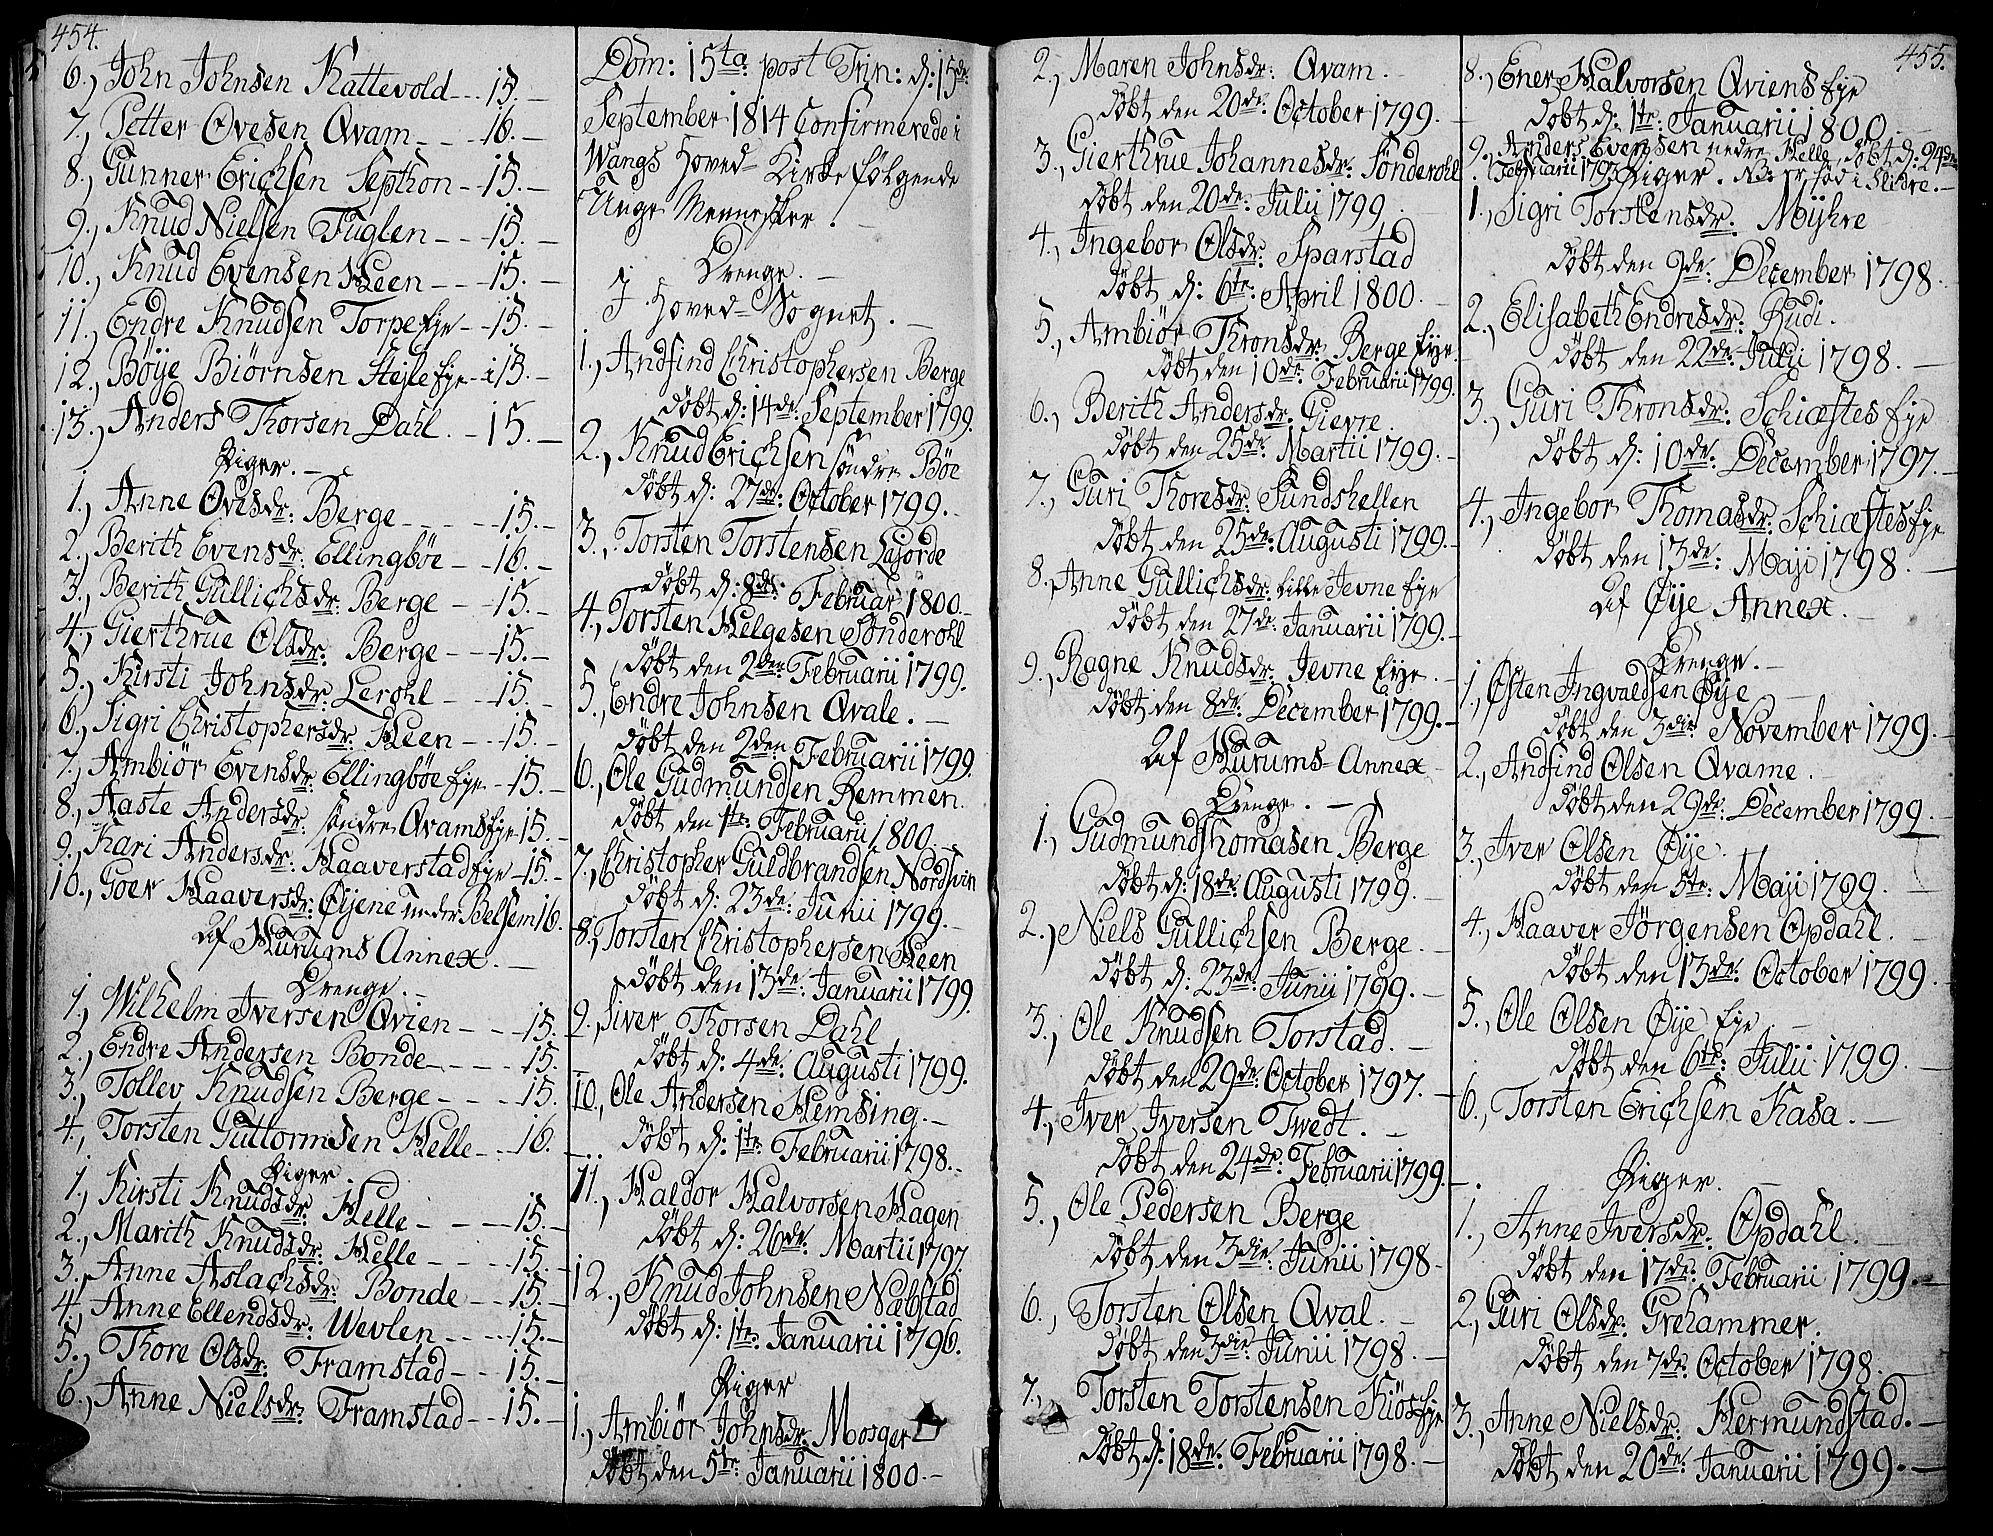 SAH, Vang prestekontor, Valdres, Ministerialbok nr. 3, 1809-1831, s. 454-455